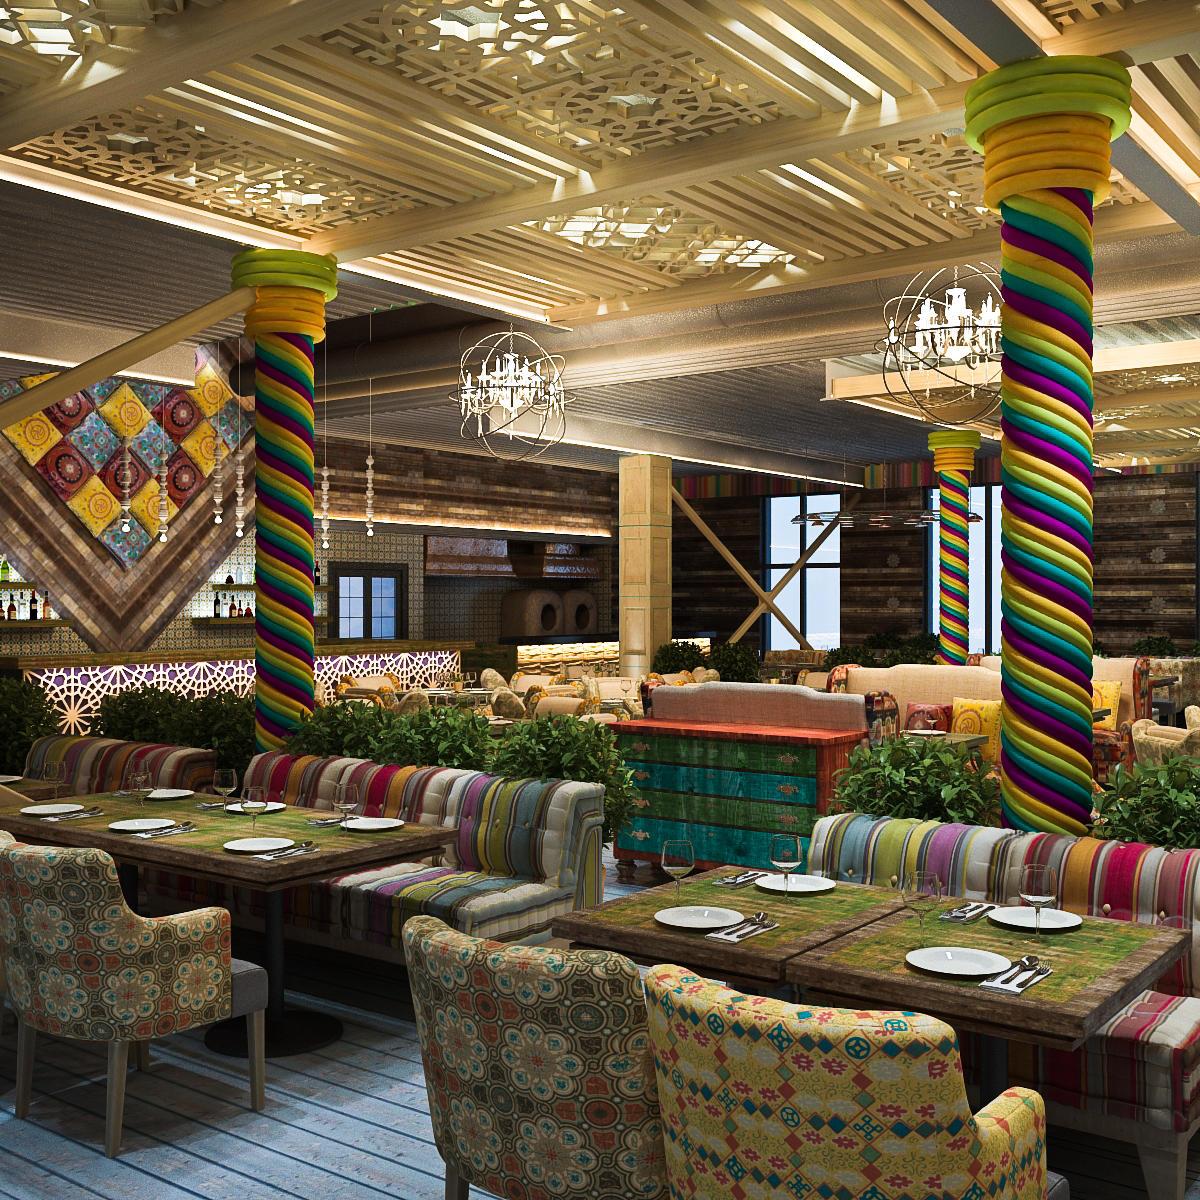 Ресторан Сухофрукты (Чайхана Сухофрукты) фото 2